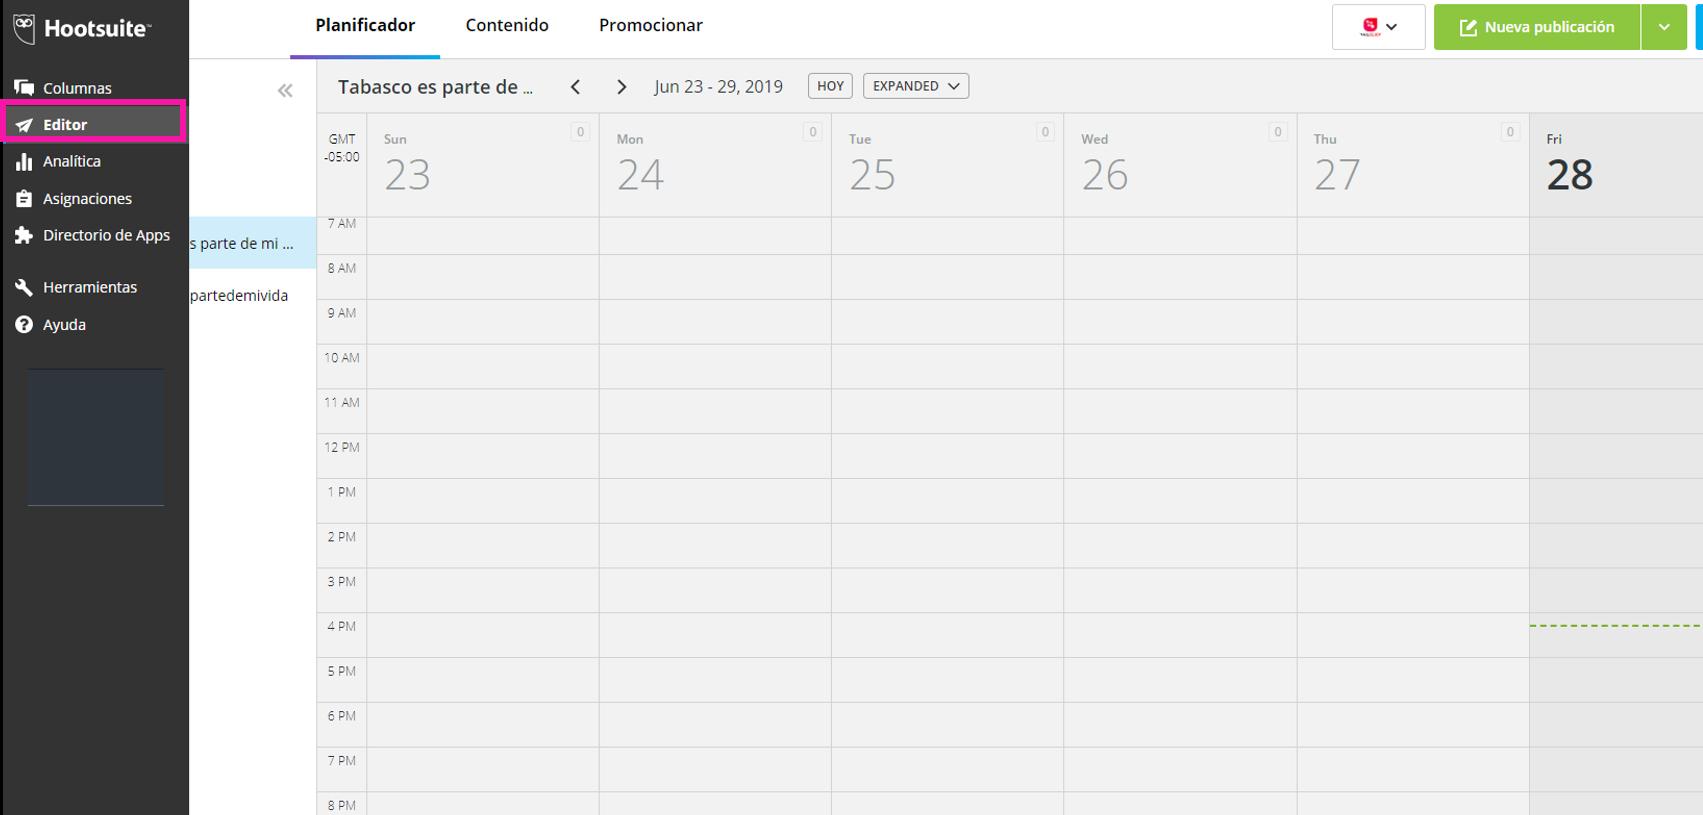 Captura de pantalla del Editor de Hootsuite